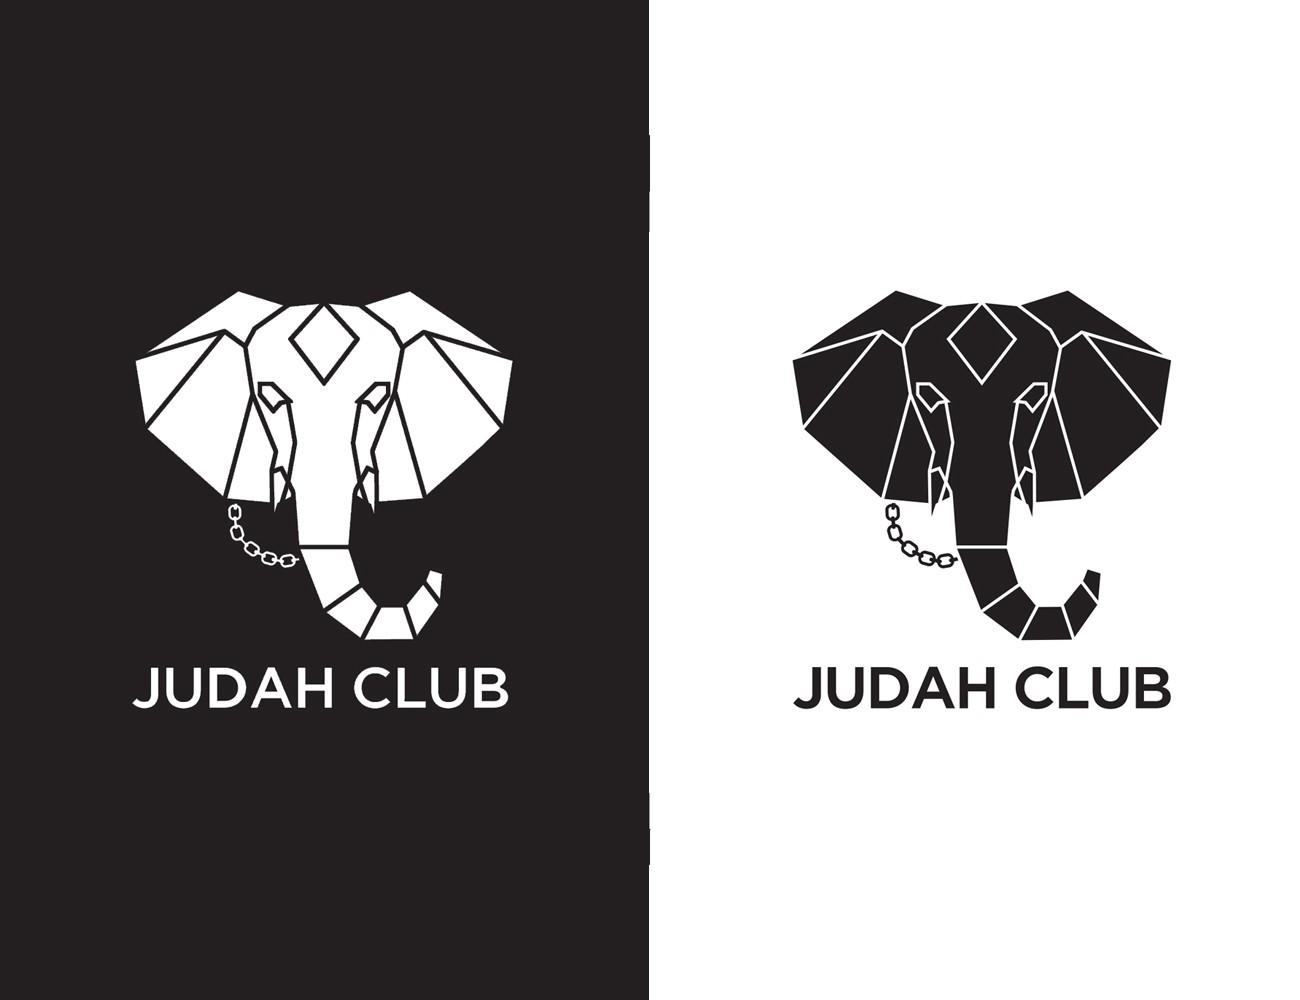 Judah Club